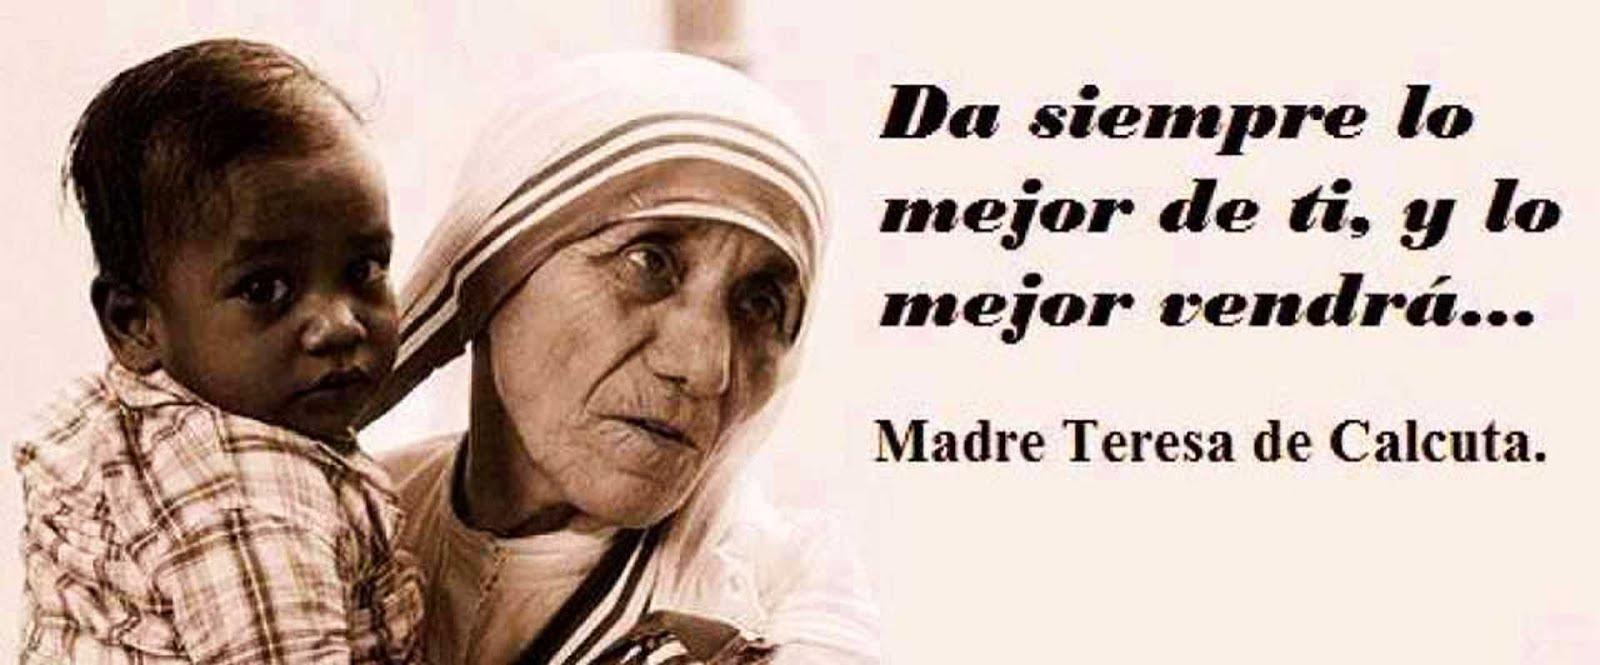 5 De Septiembre Beata Madre Teresa De Calcuta Catequesis De La